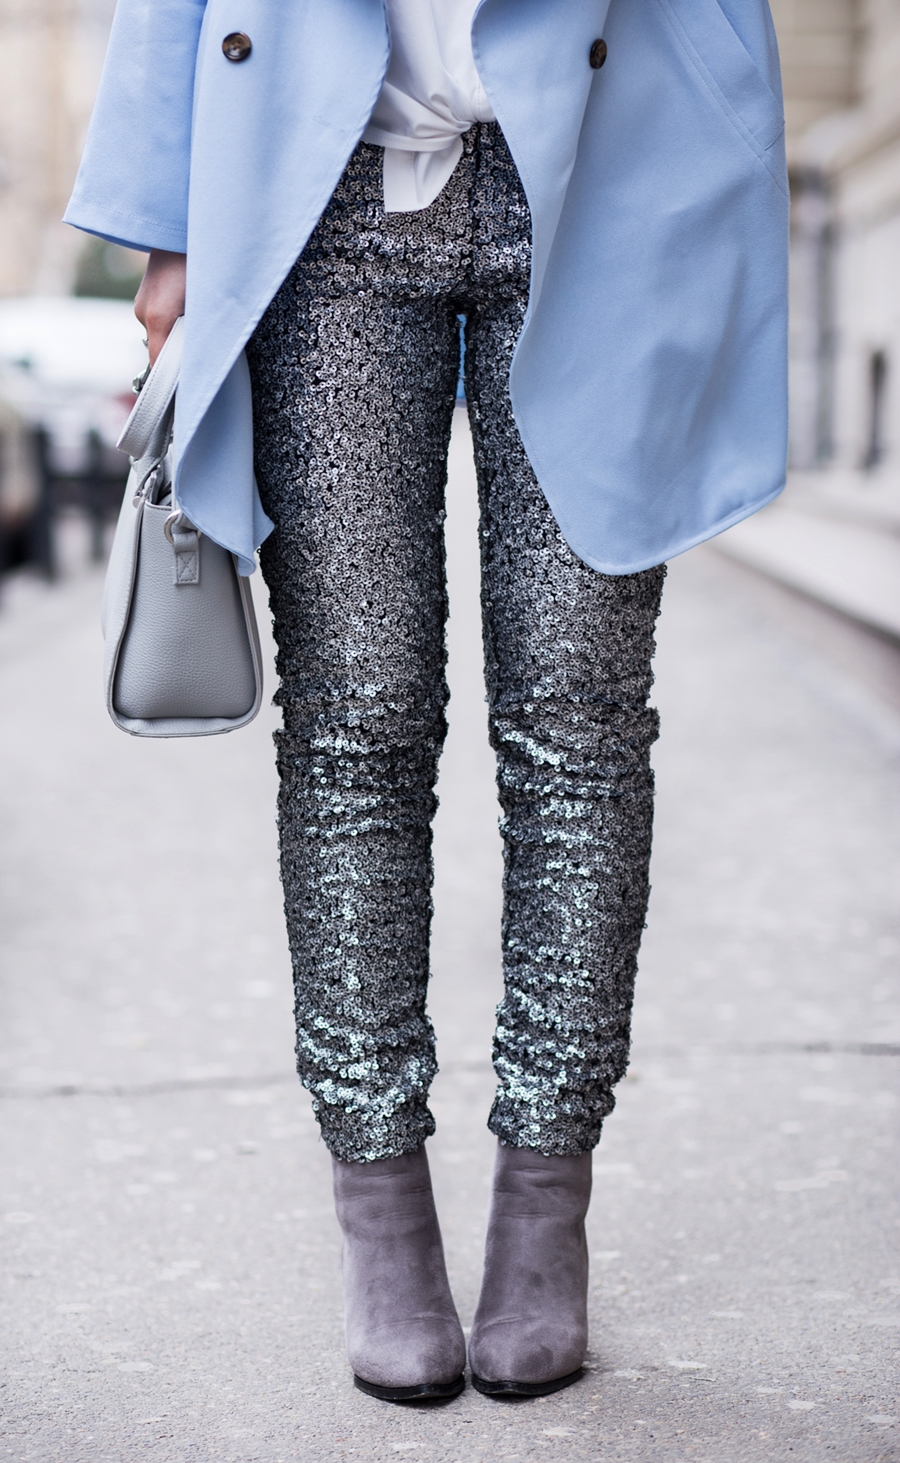 Cum purtam pantalonii cu paiete? hm